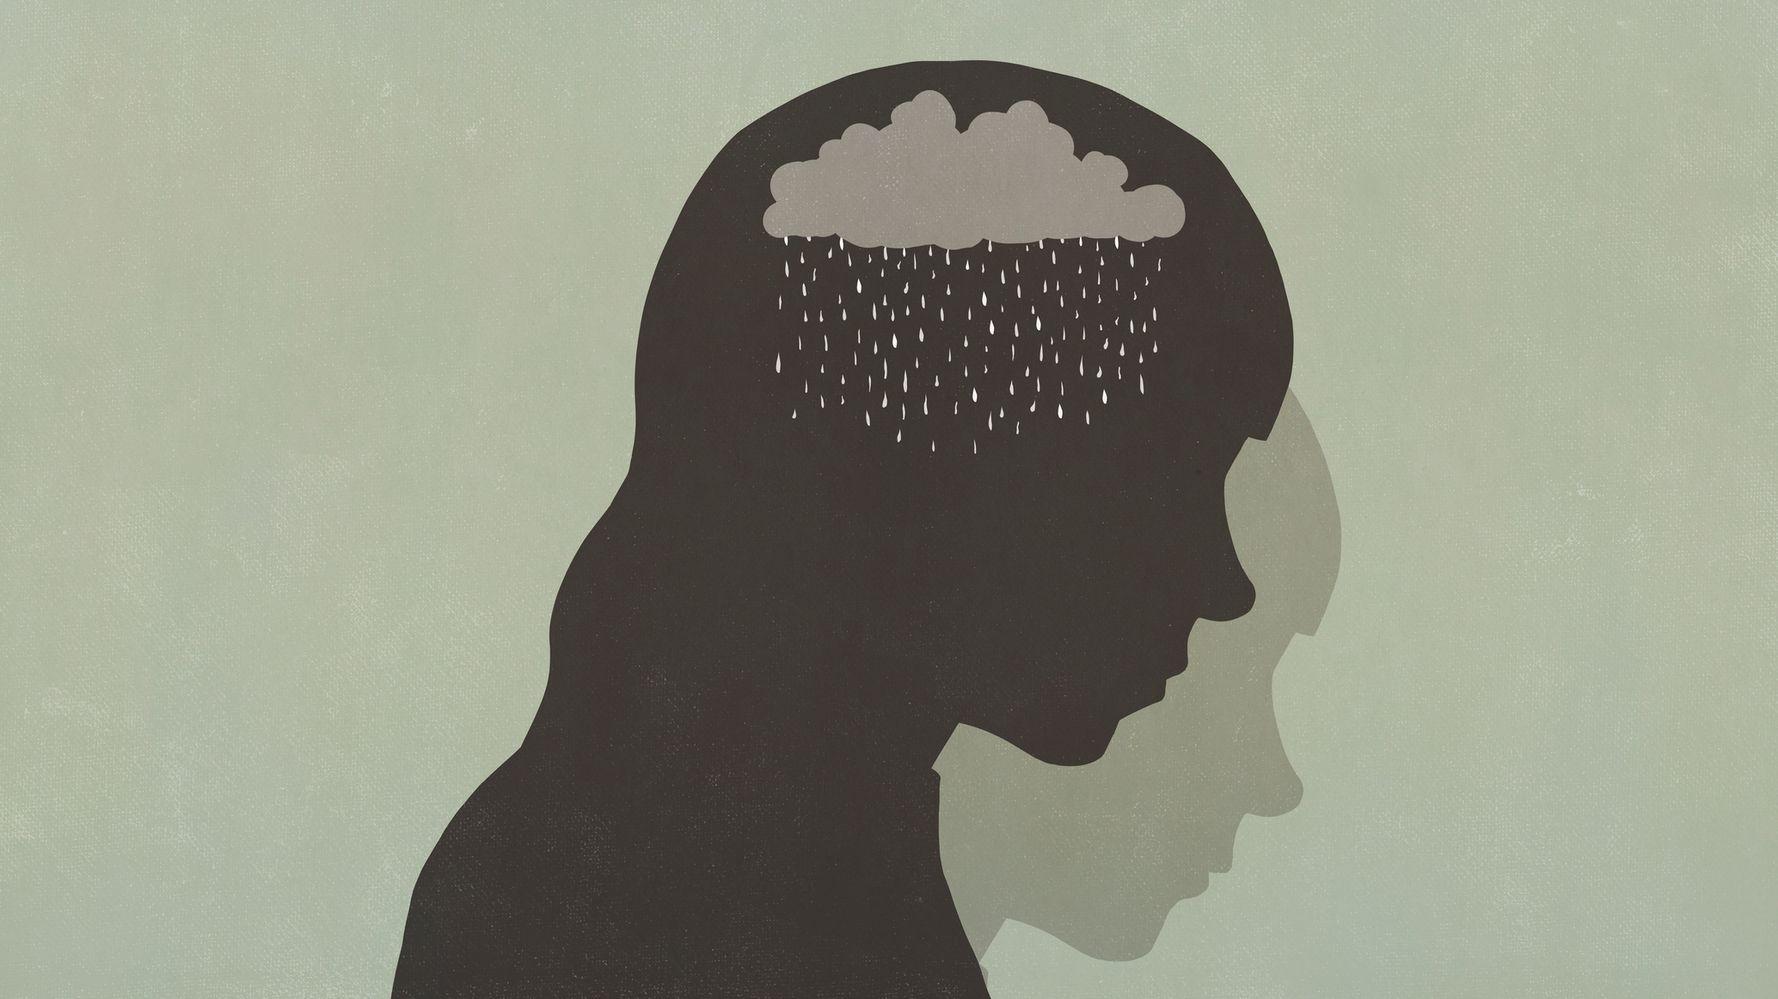 7 signes indiquant que vous souffrez d'un traumatisme lié à la pandémie de Covid-19